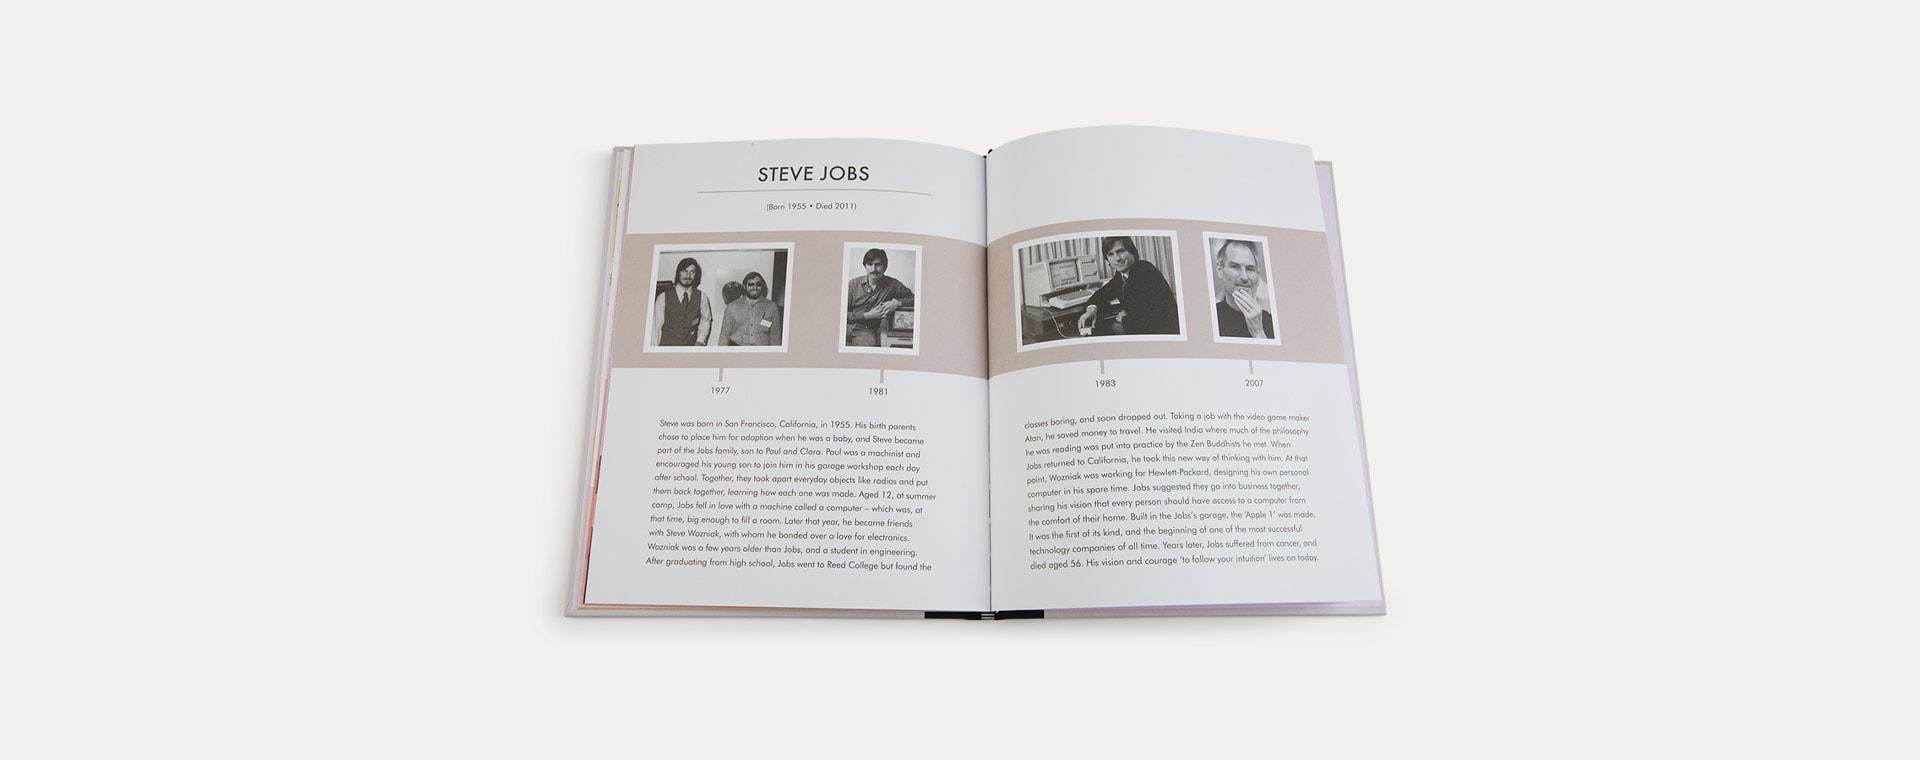 Multi bookspeed Little People Big Dreams: Steve Jobs